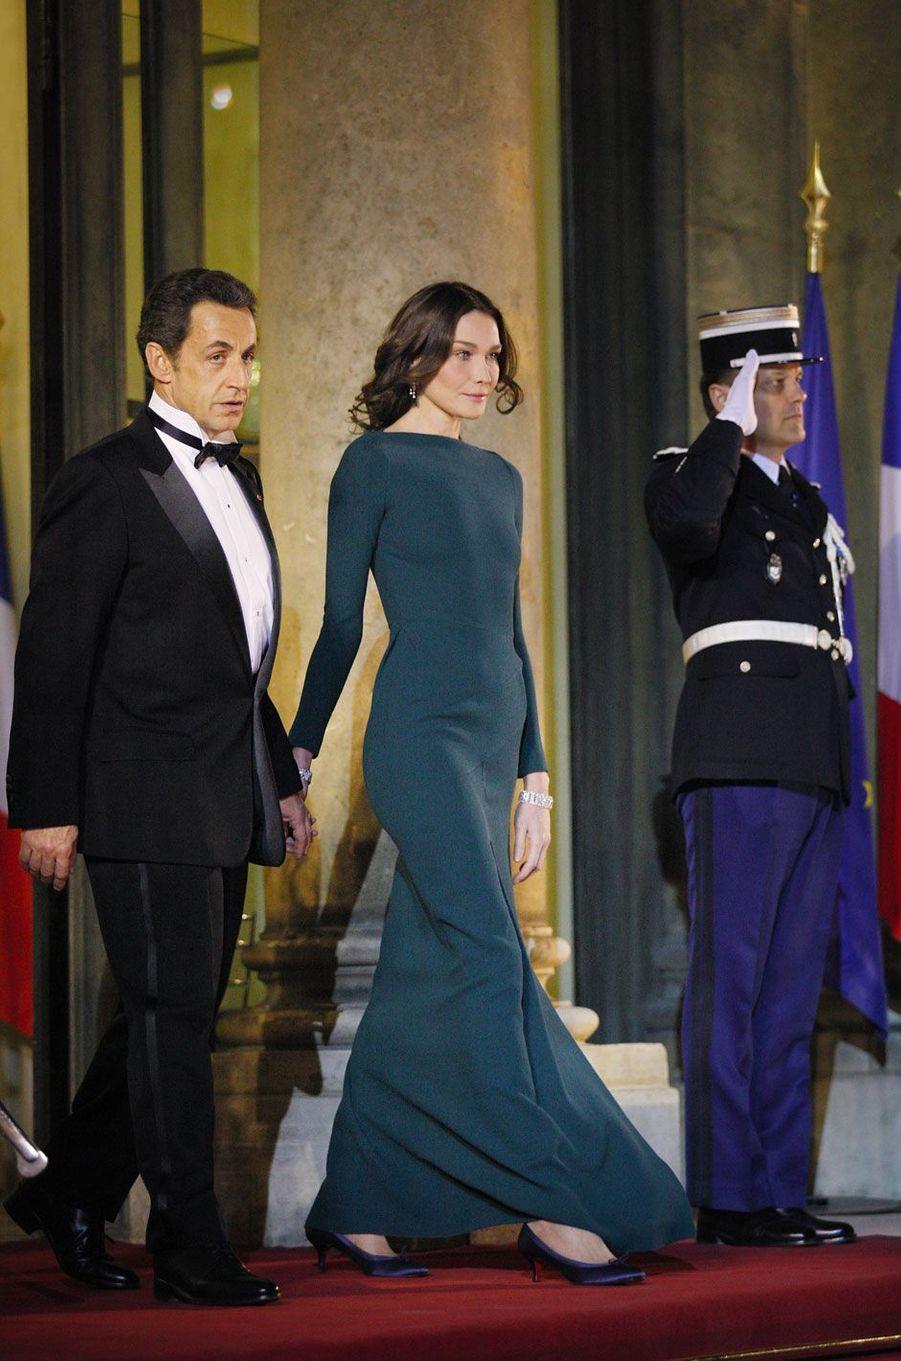 Nicolas Sarkozy et Carla Bruni à l'Élysée le 2 mars 2010